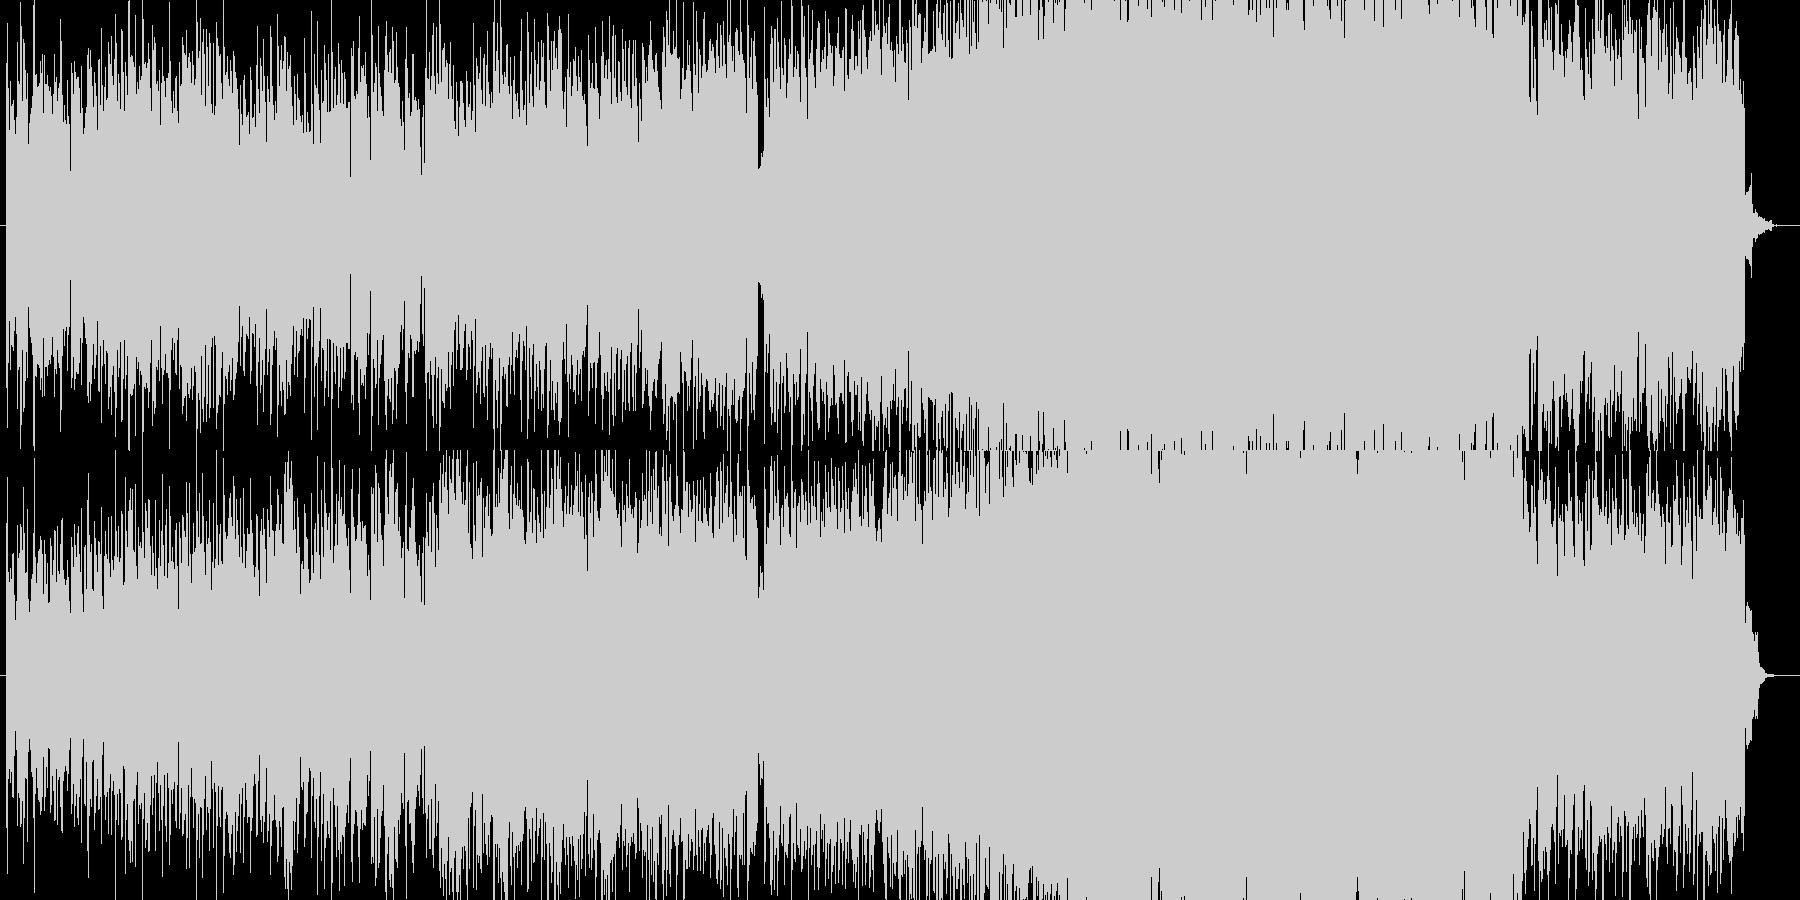 SFをイメージした電子的なシンセの曲の未再生の波形